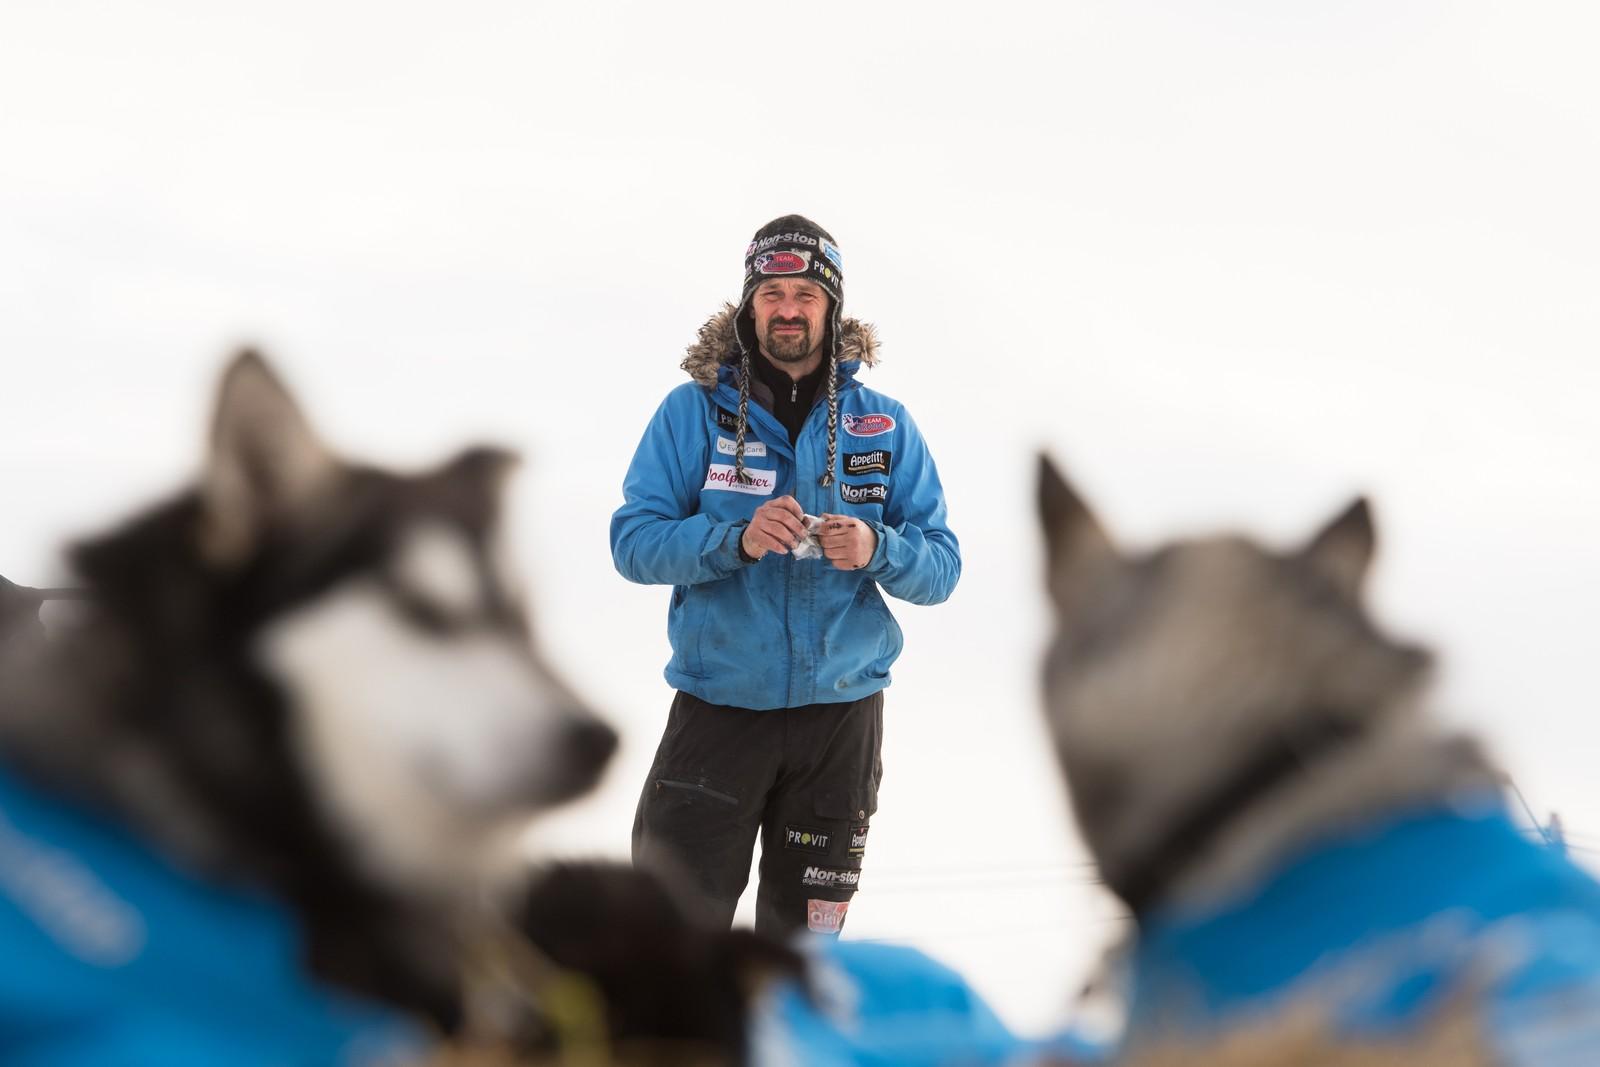 Thomas Wærner vant Finmarksløpet i 2013, og synes Finnmarksløpet 2017 minner mye om året da alt klaffet...